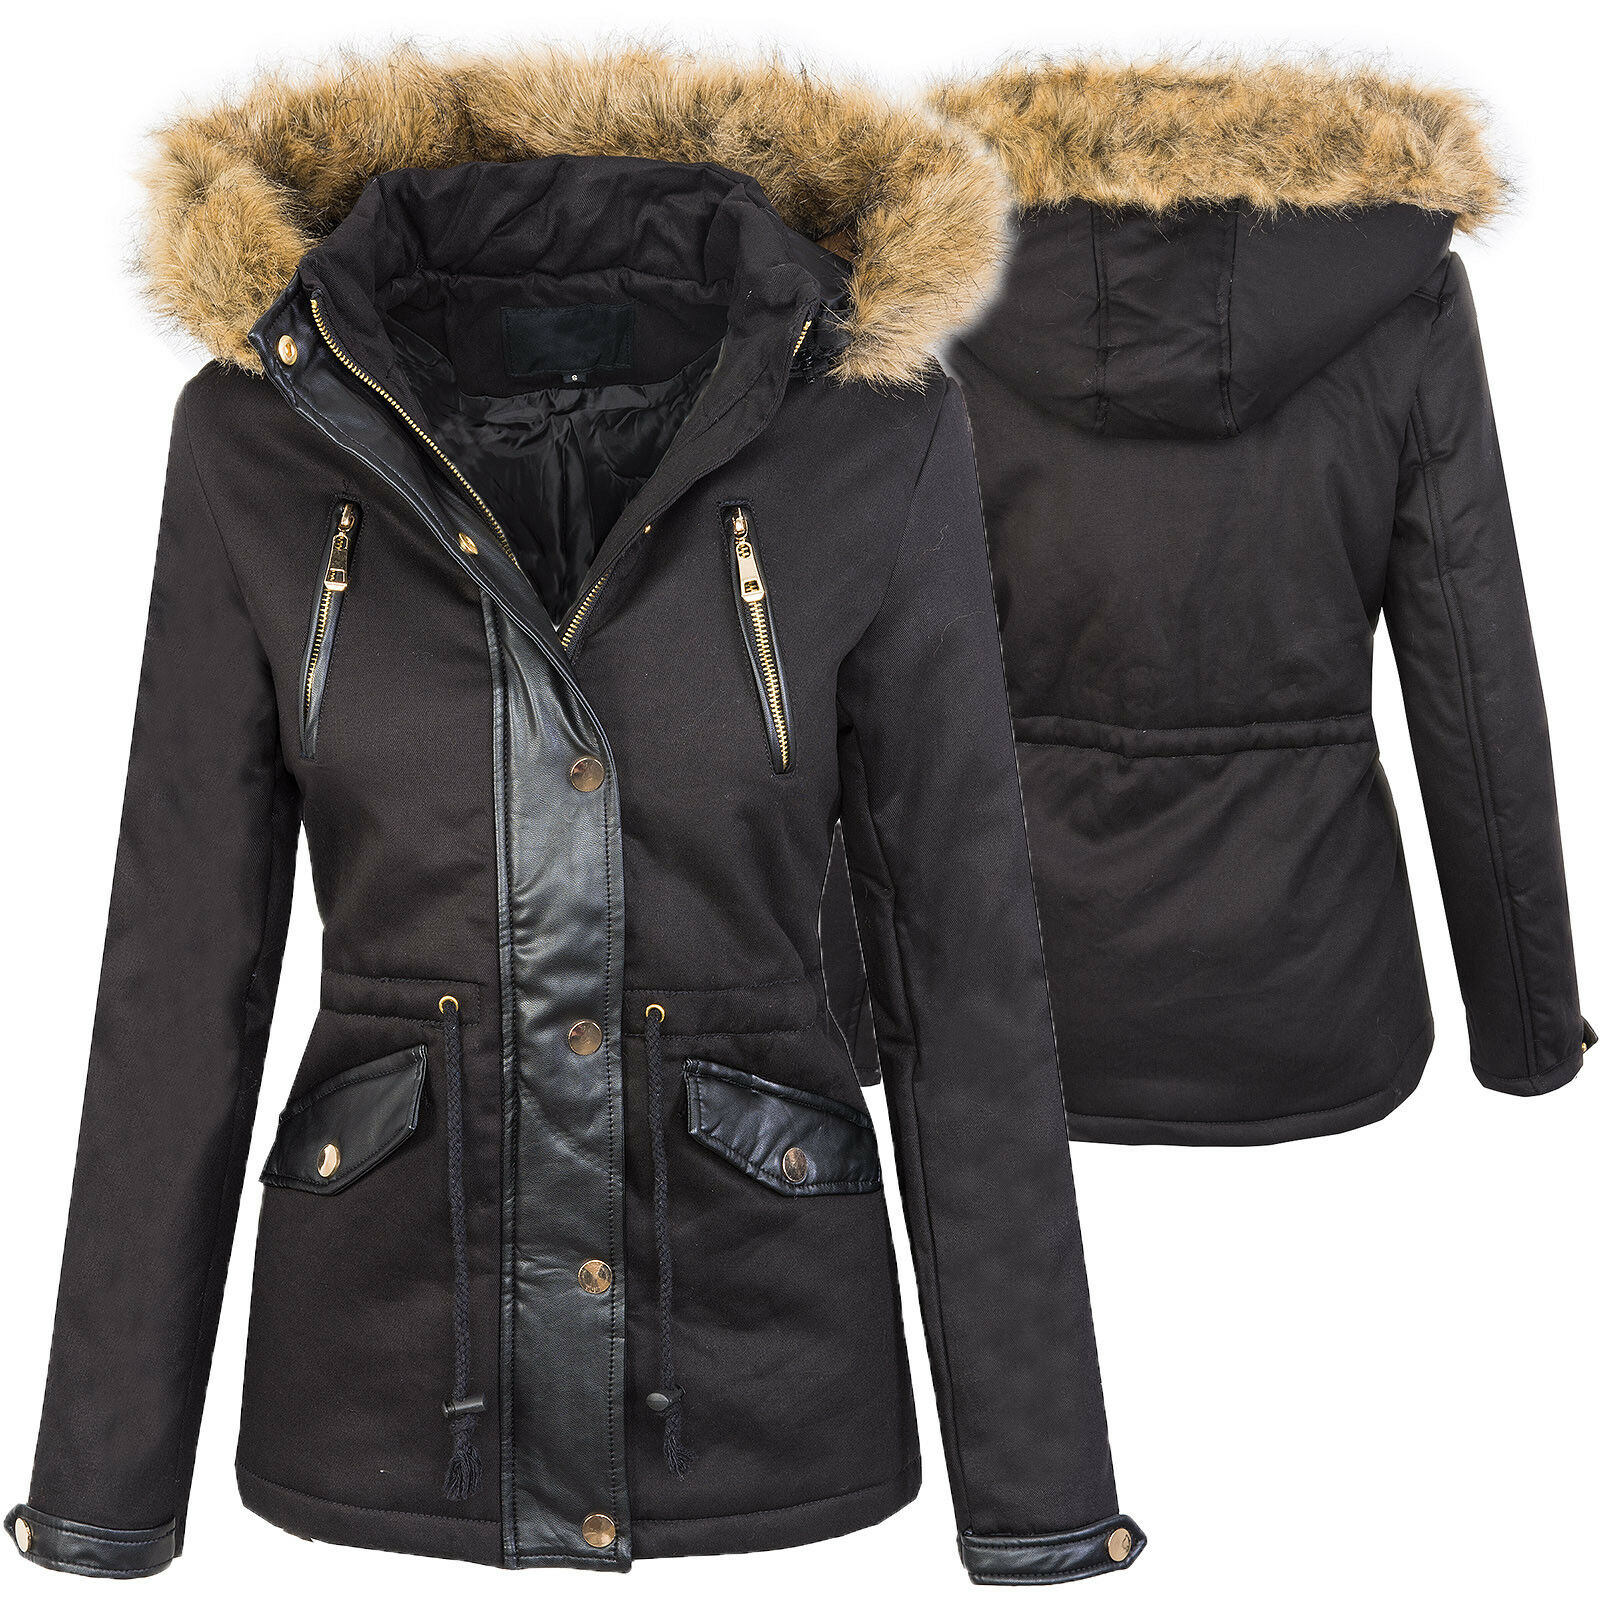 ... Da Donna Giacca Invernale Cappotto Eskimo Giacca Donna Cappuccio Caldo  Cappuccio Donna 5480d6 aa28eef3bc7